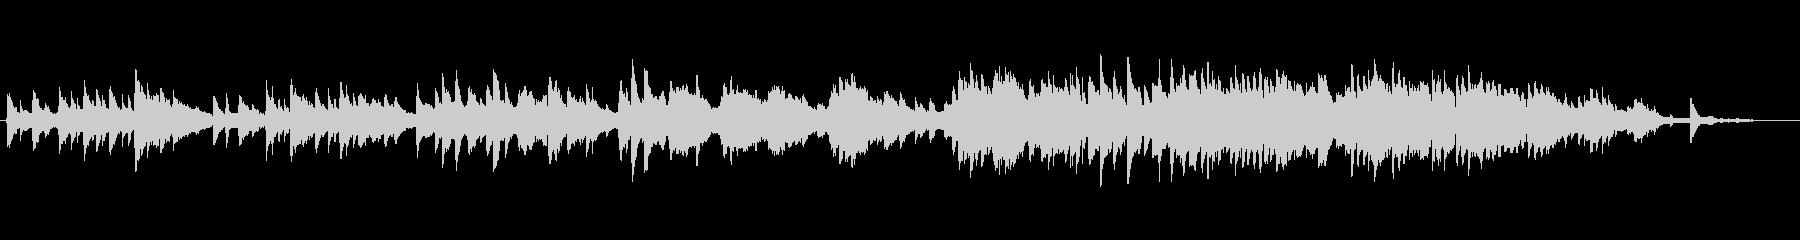 ラヴェルっぽいピアノ曲の未再生の波形